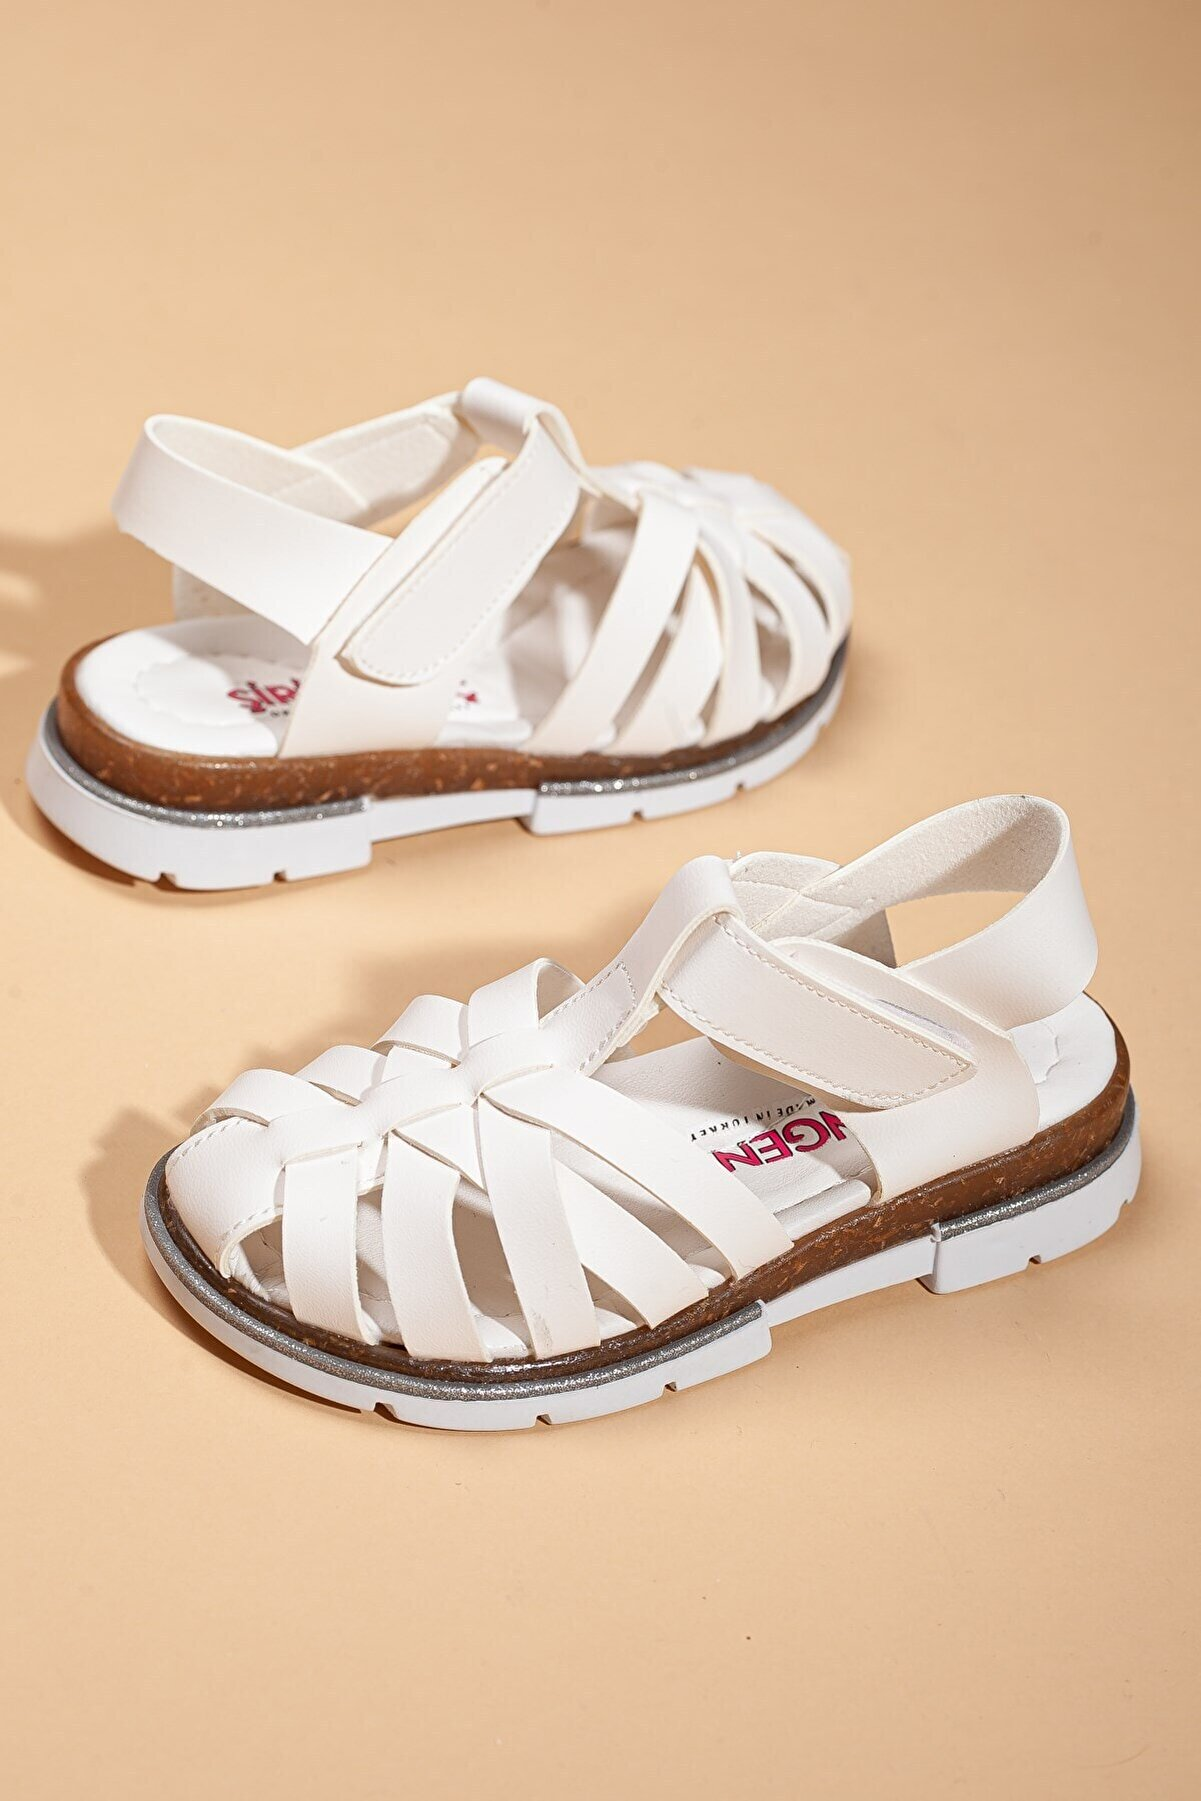 Dilimler Ayakkabı Şirin Genç Ortopedic Kafes Kız Beyaz Patik Flet Sandalet (26-36 NUMARA).